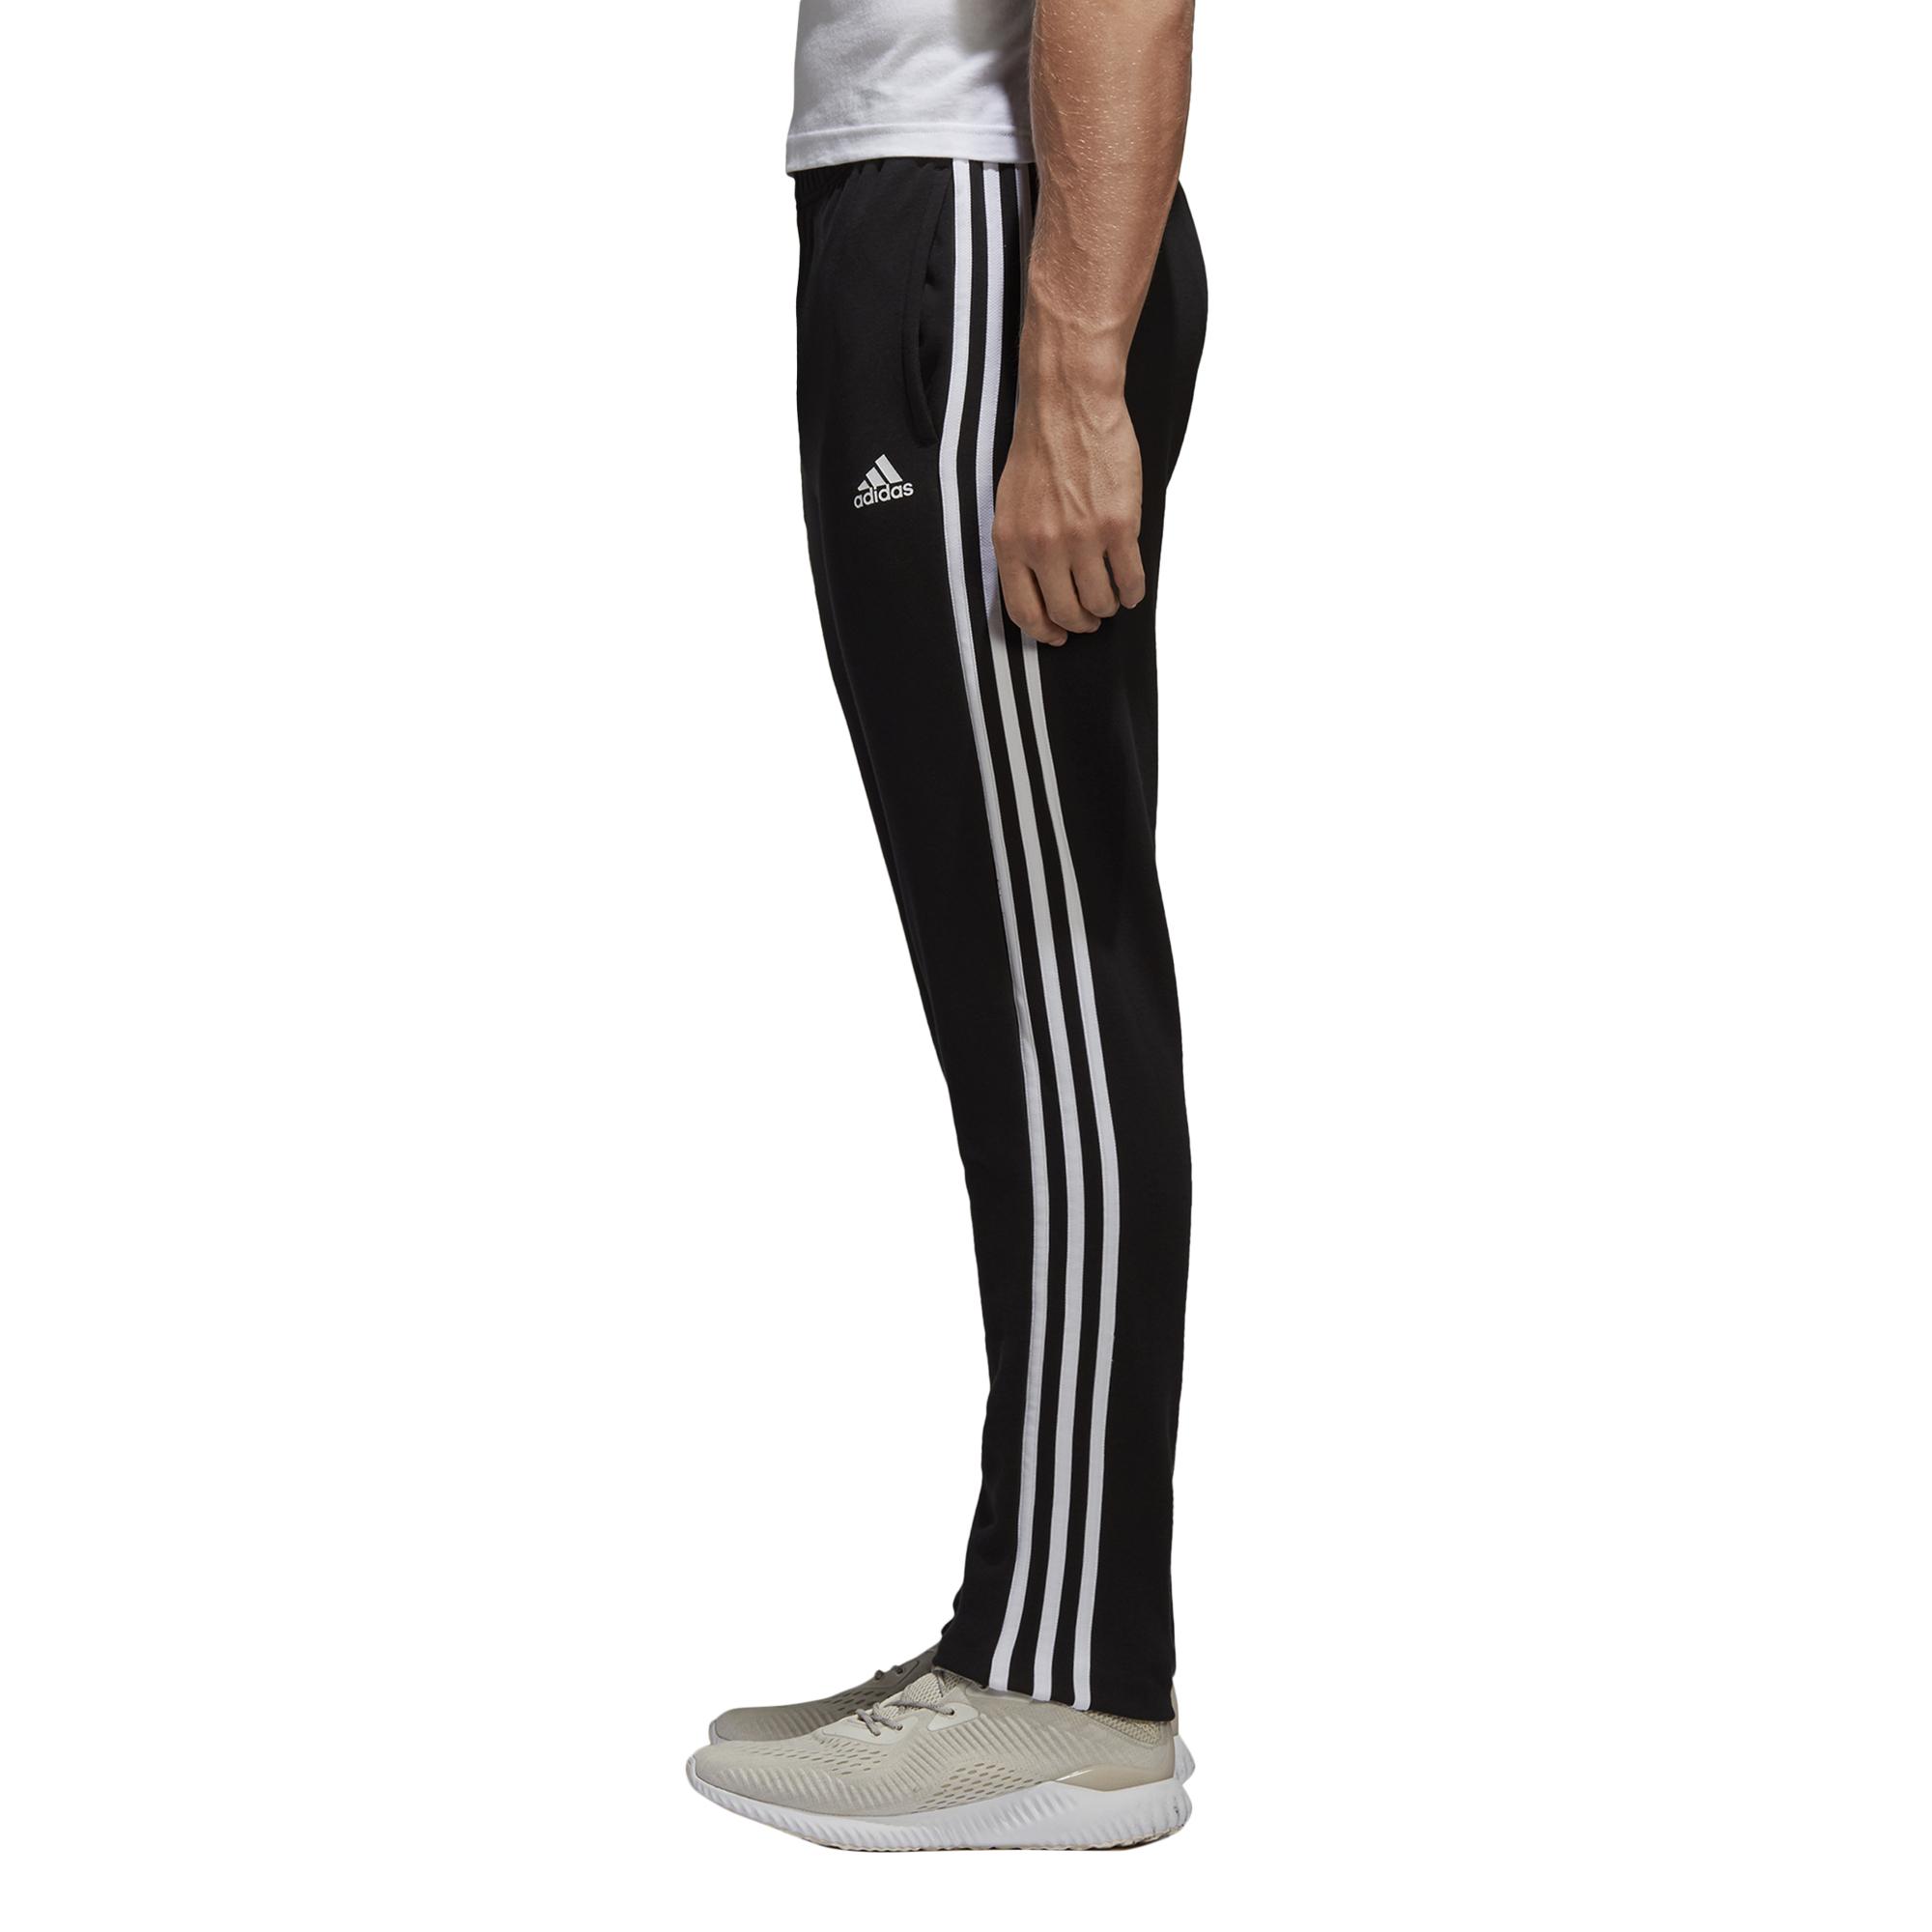 gorące wyprzedaże kolejna szansa 100% autentyczności adidas spodnie dresy Essentials 3 stripes BK7446 M ...